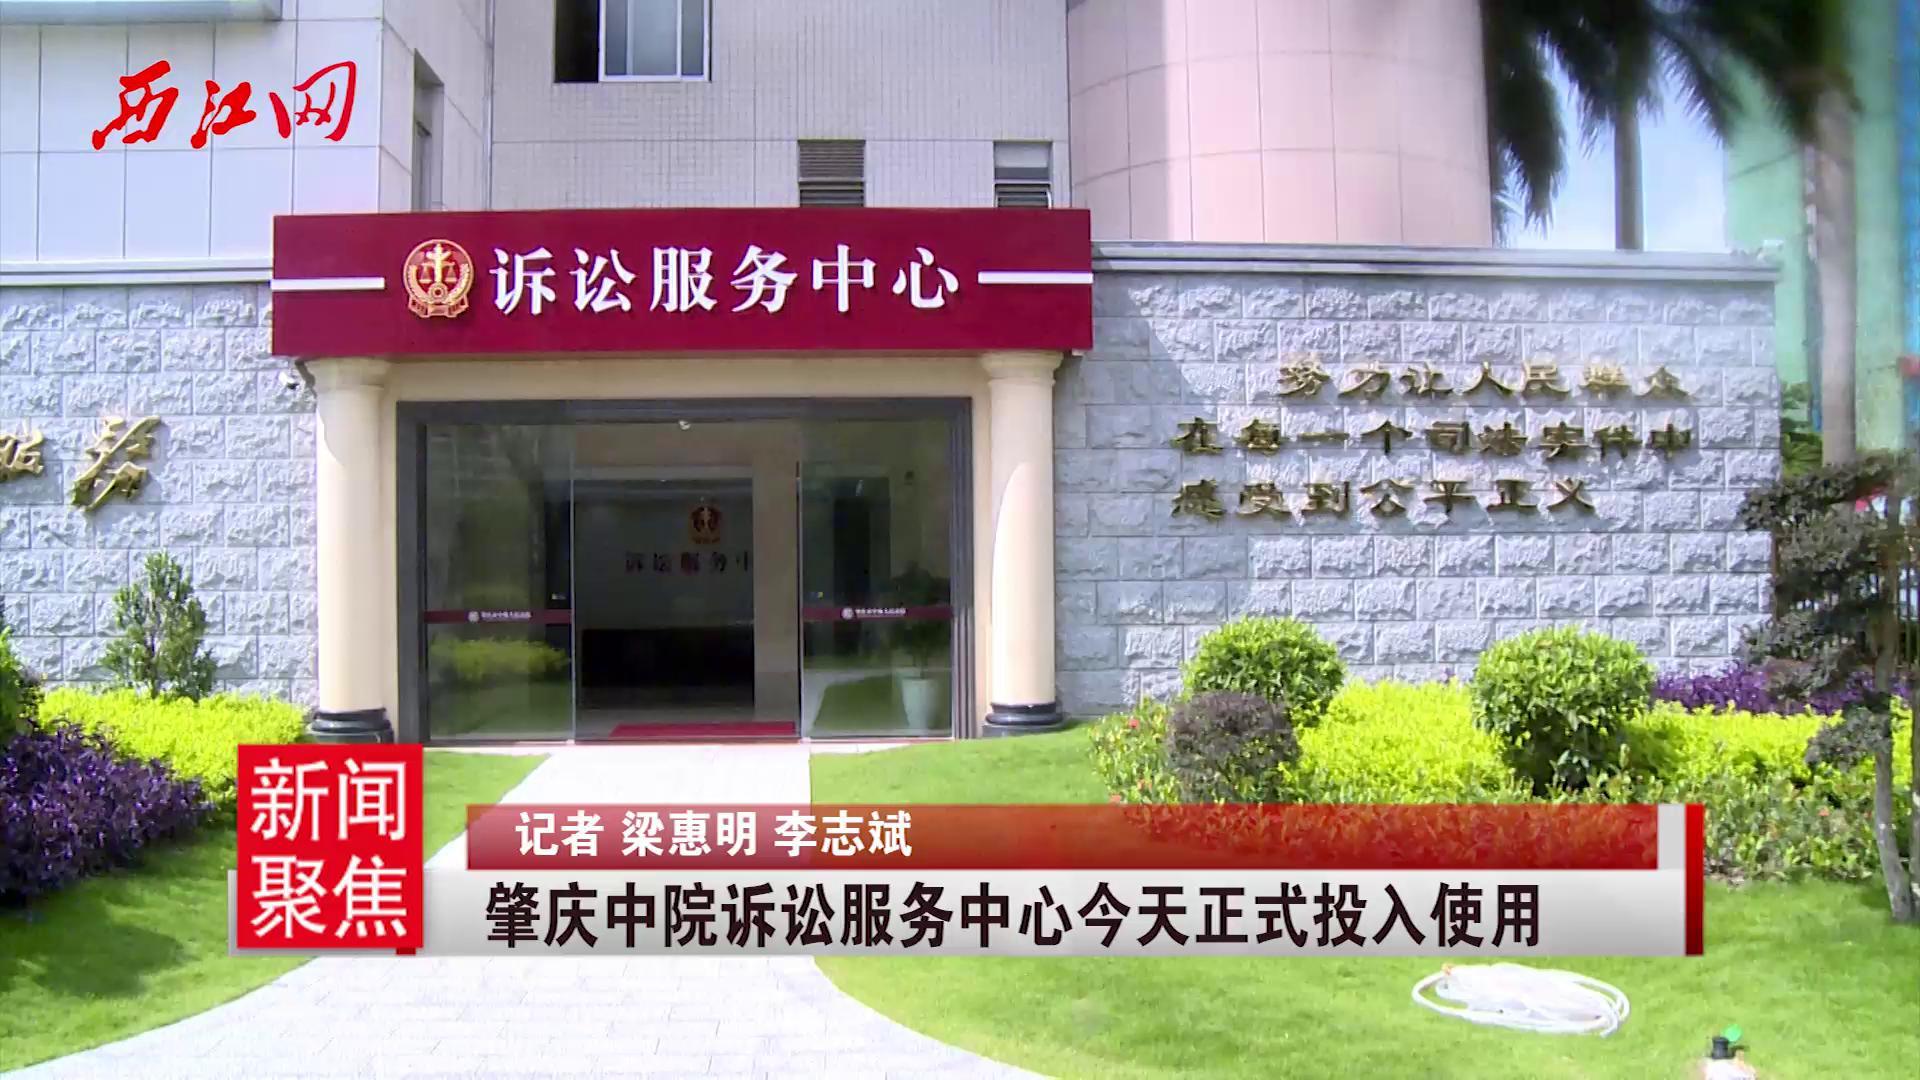 肇庆中院诉讼服务中心正式投入使用